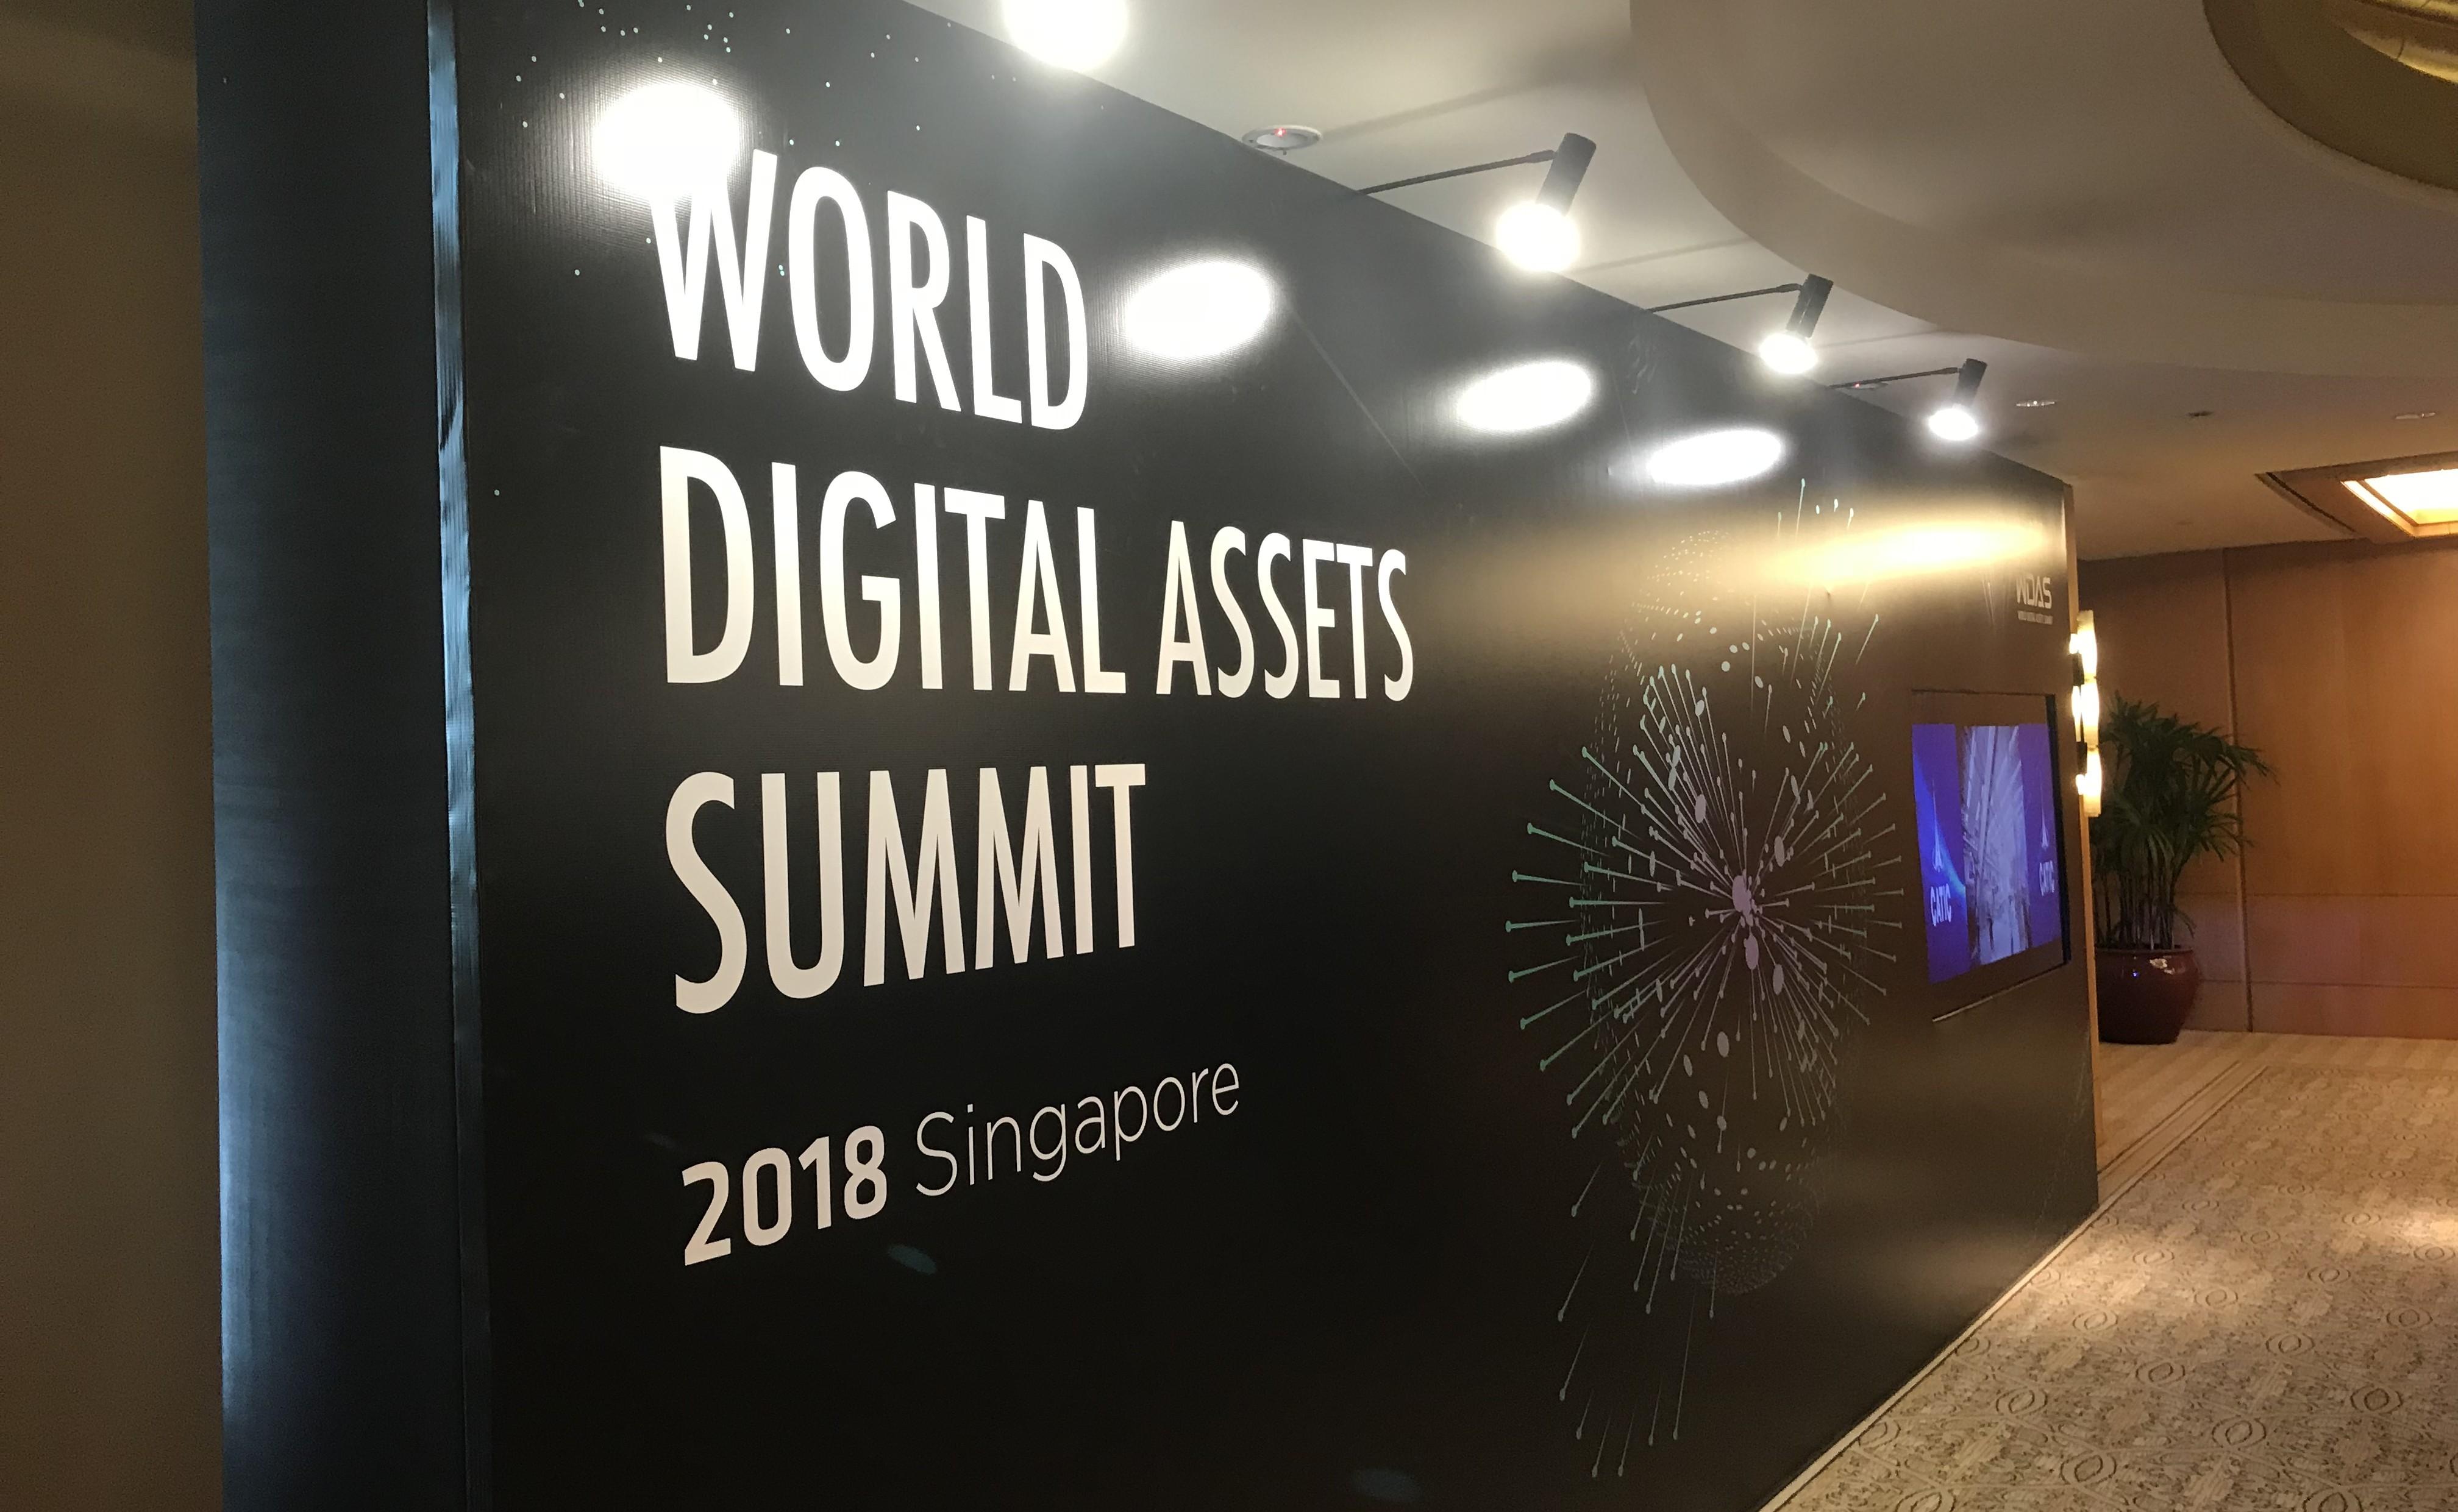 独家报道|WDAS暨FBG年会 全球参会者深入讨论数字资产话题